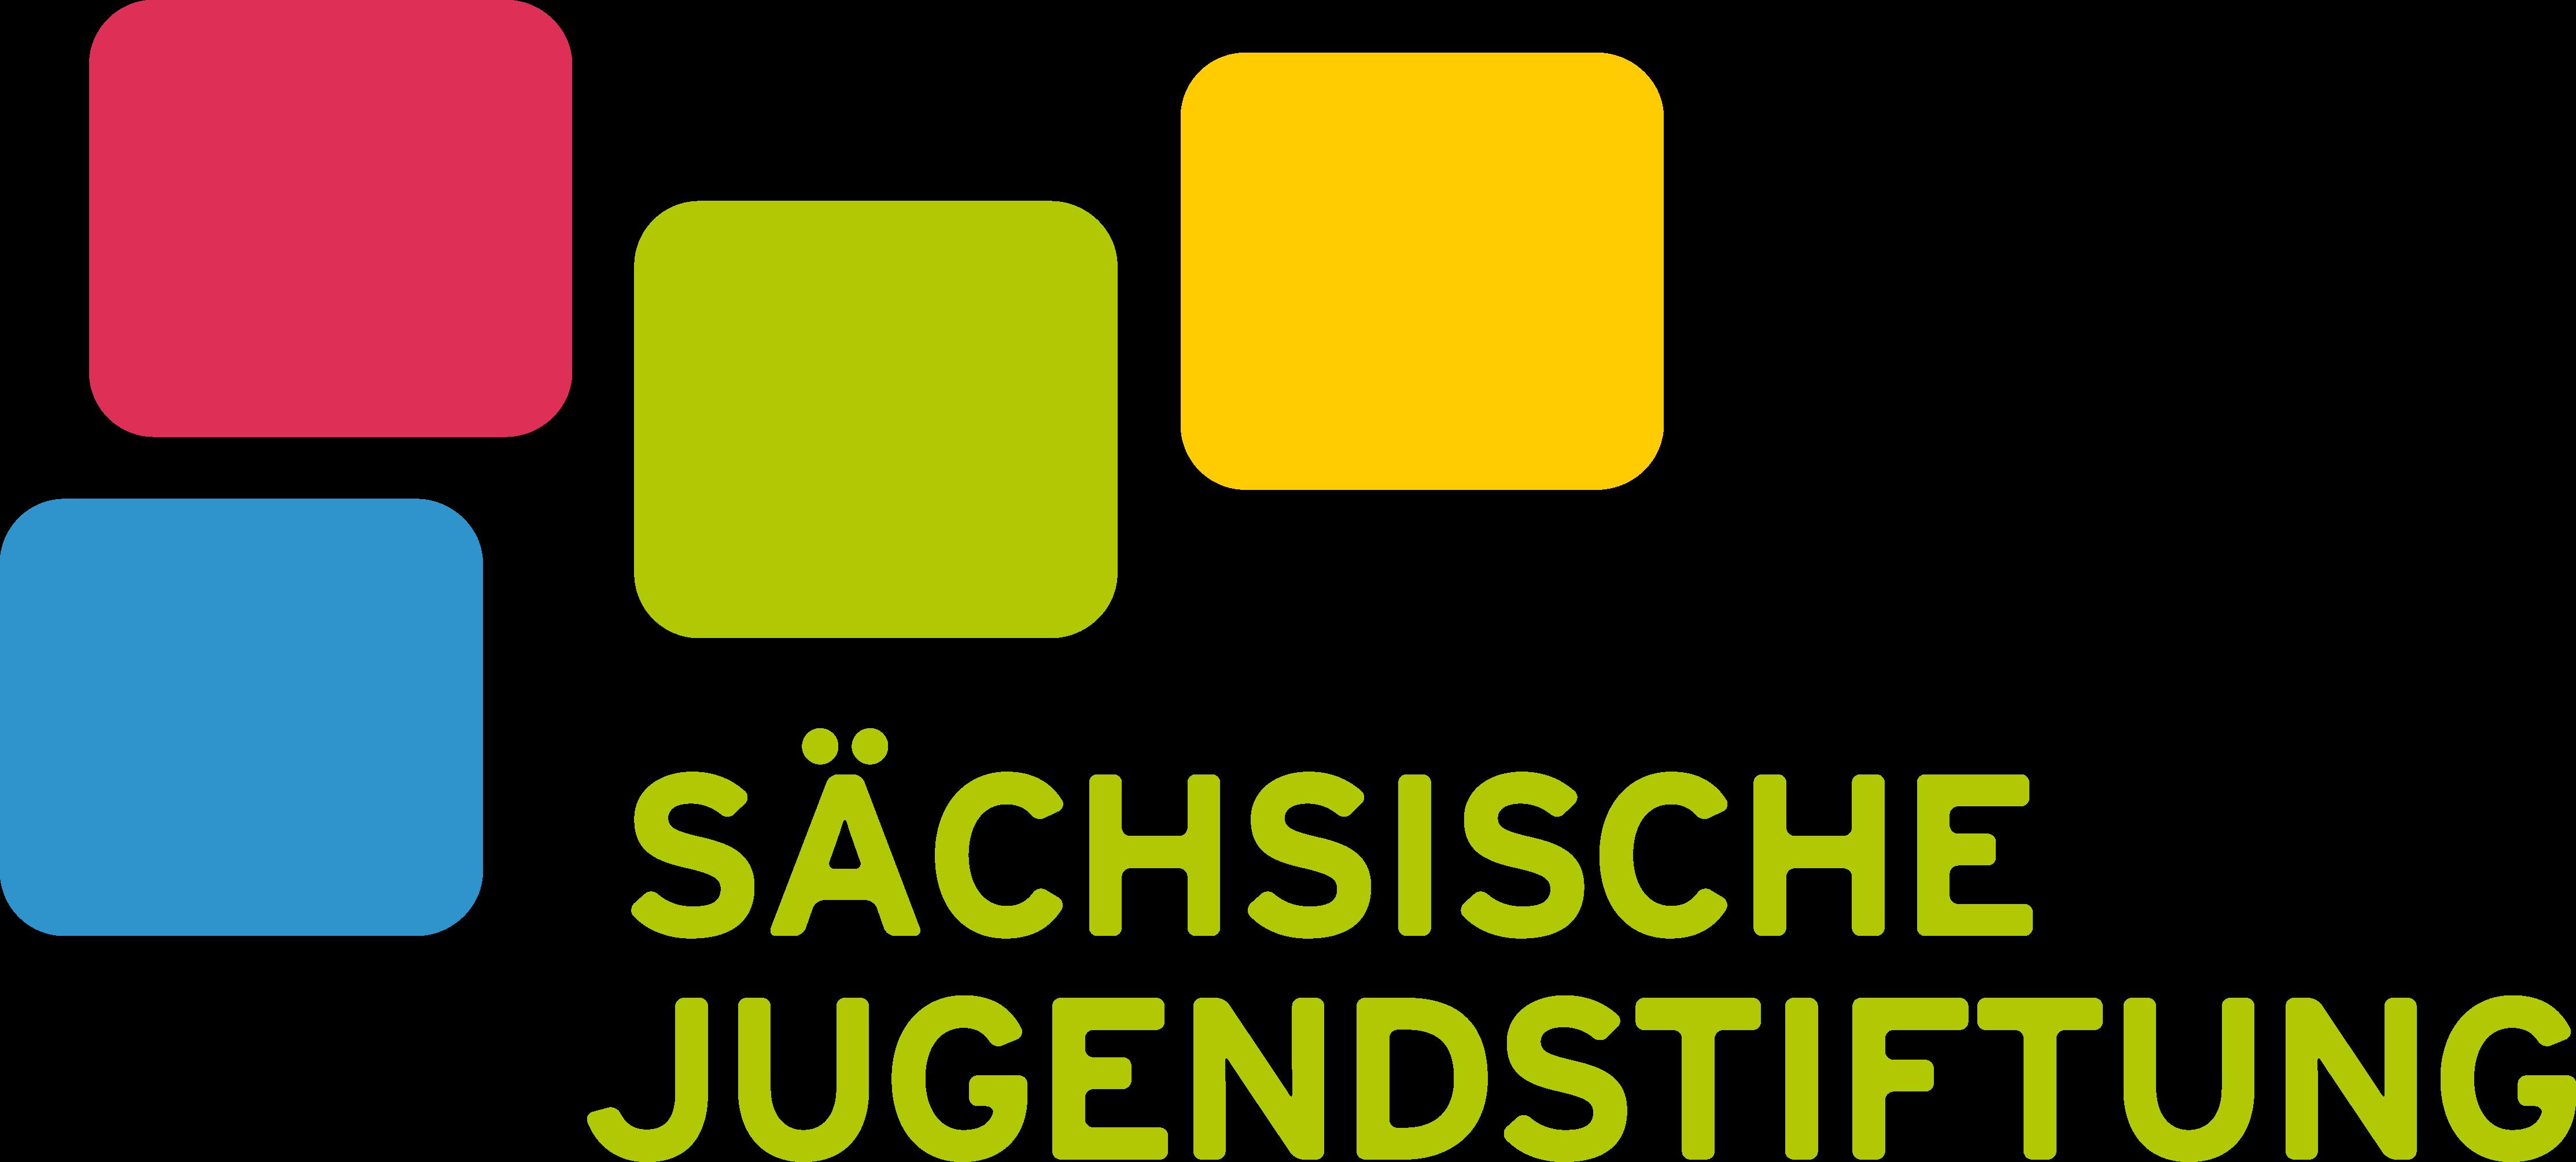 File sjs logo png. Square clipart rgb